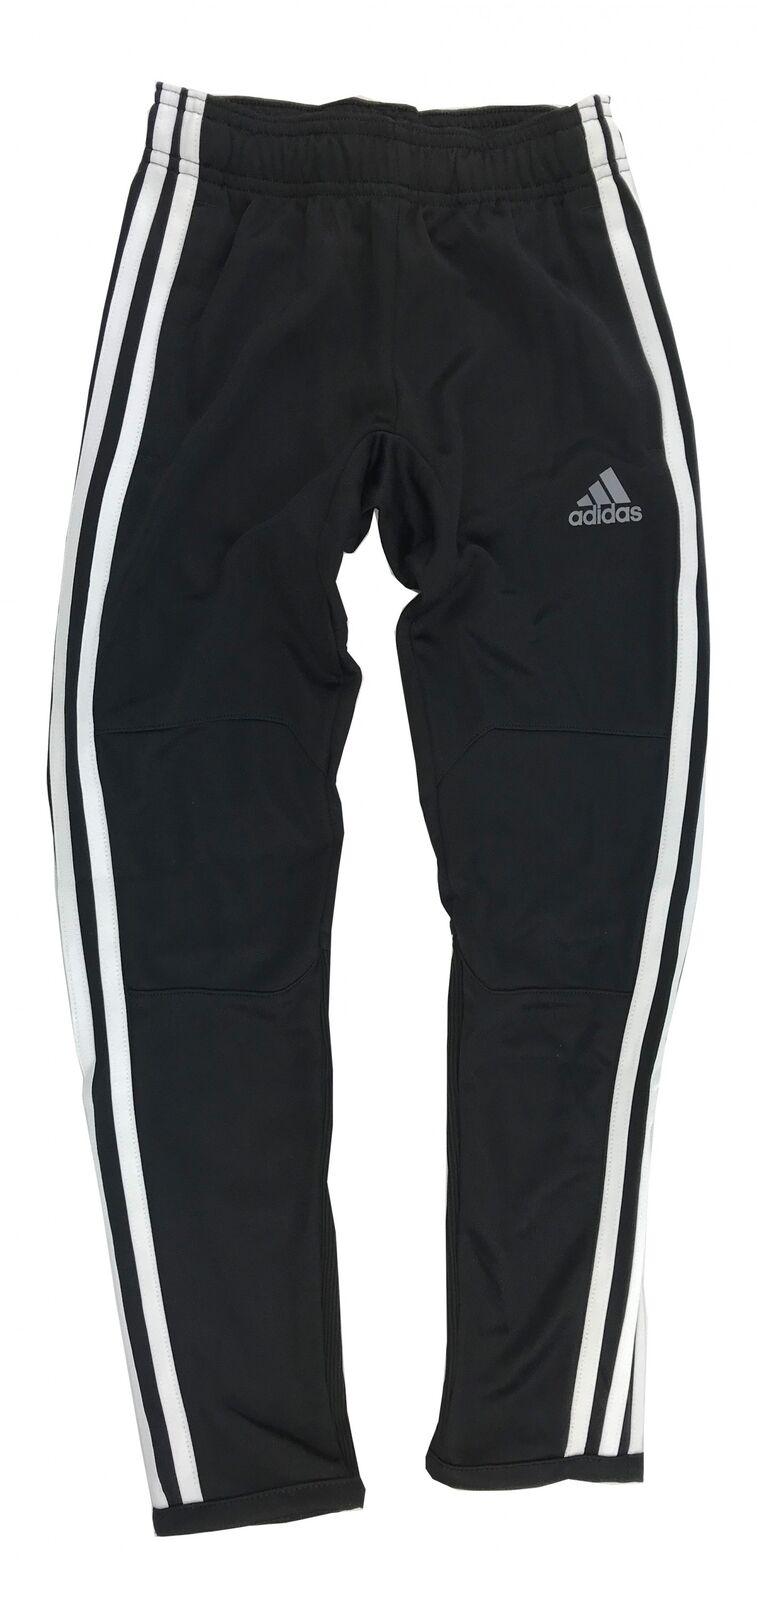 16d4c8f5a71911 adidas Trainingshose Hose Freizeithose Sporthose Jungen Gr. 128-164 Schwarz